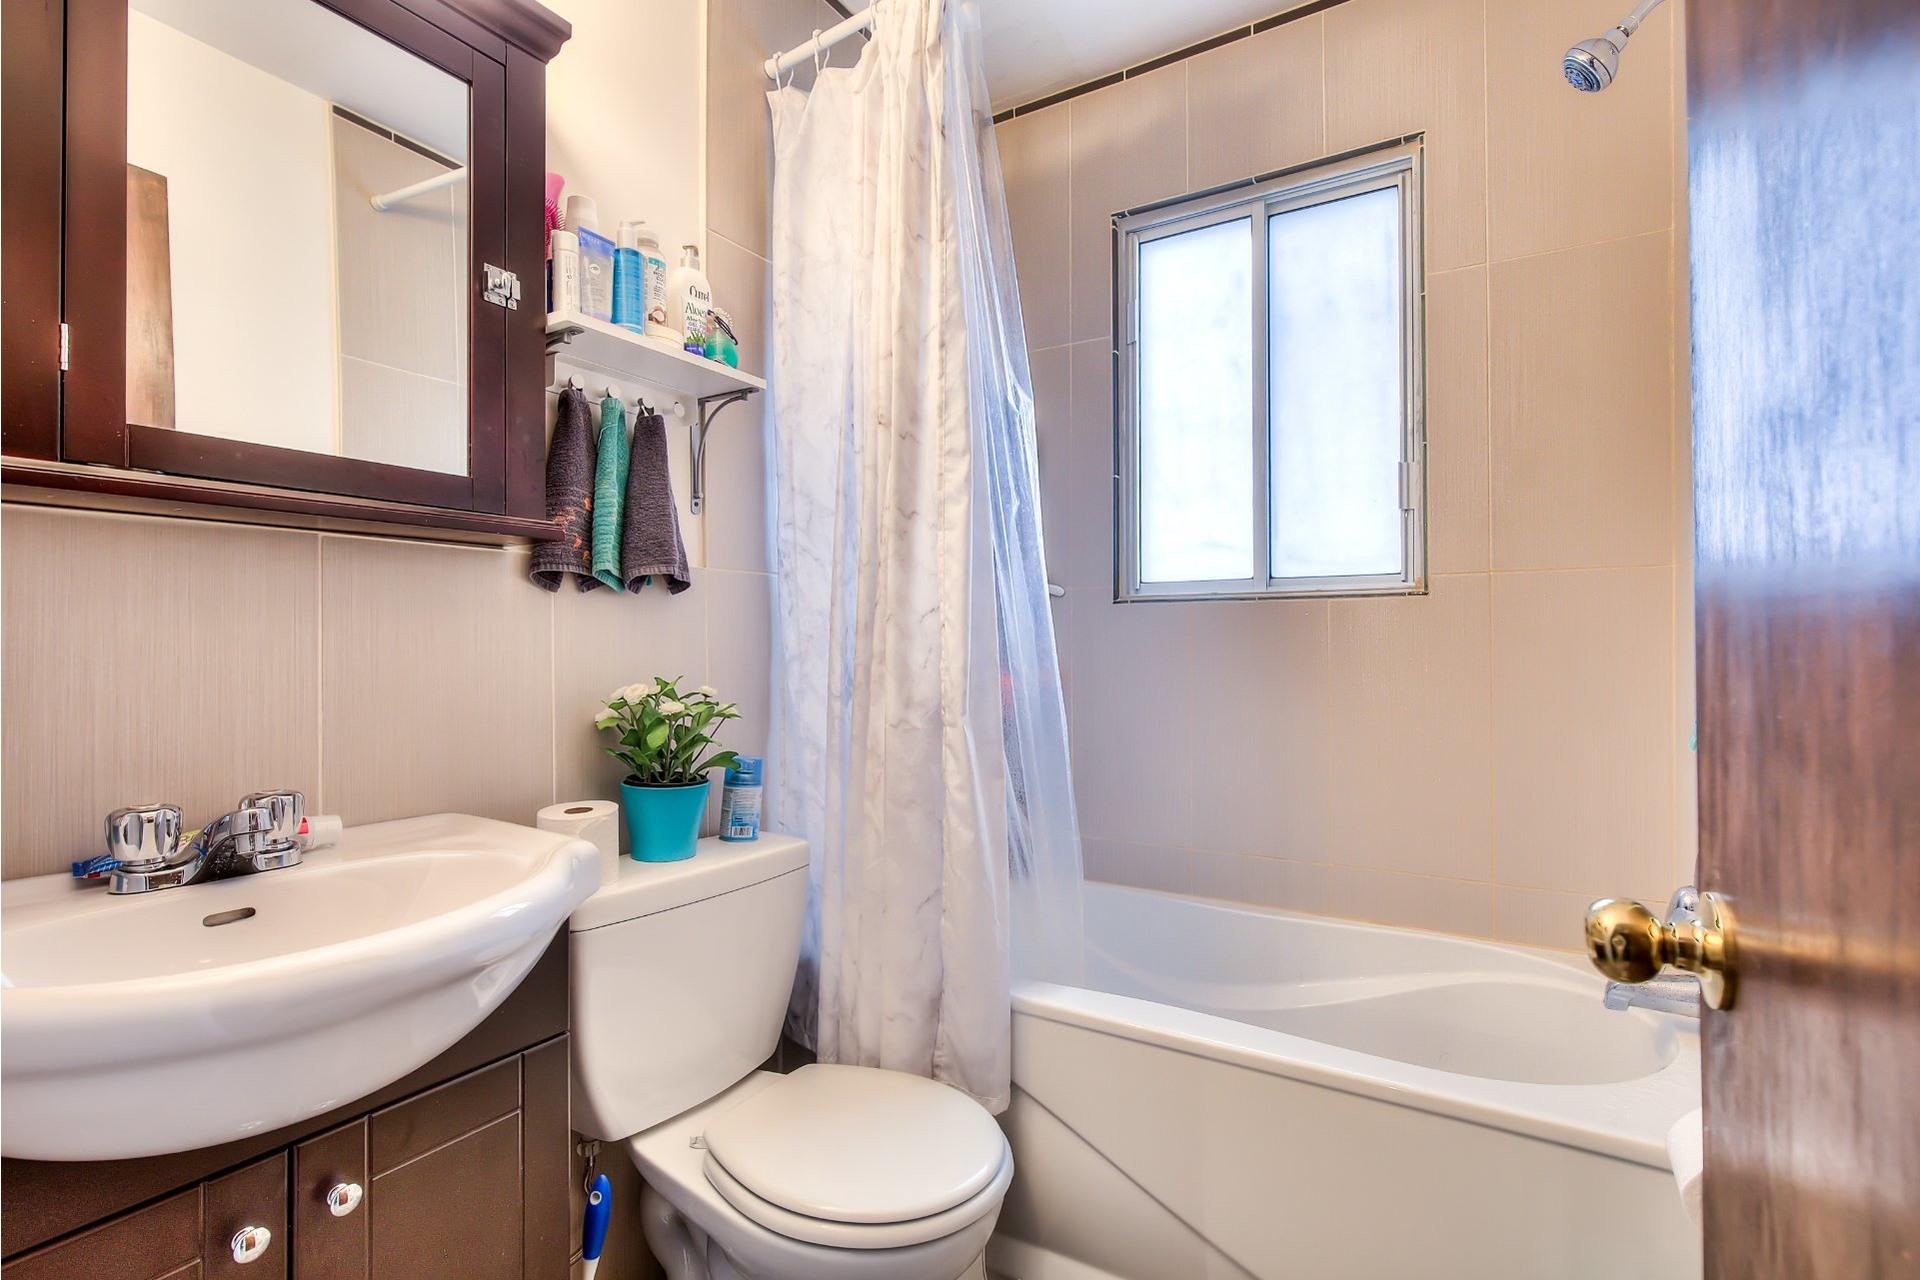 image 9 - Income property For sale Villeray/Saint-Michel/Parc-Extension Montréal  - 4 rooms